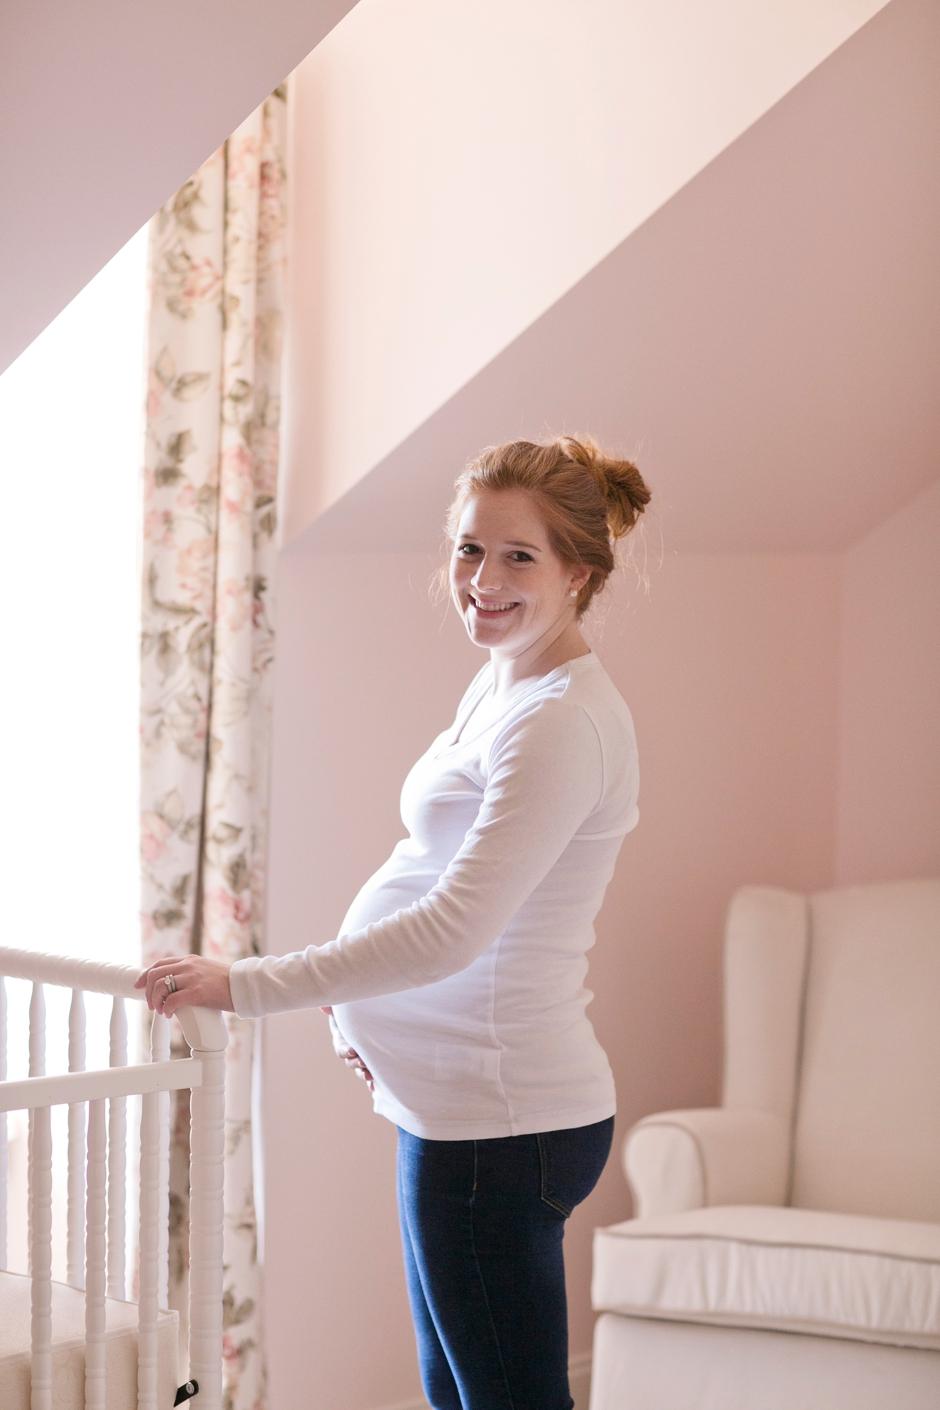 nursery-maternity-photos-031